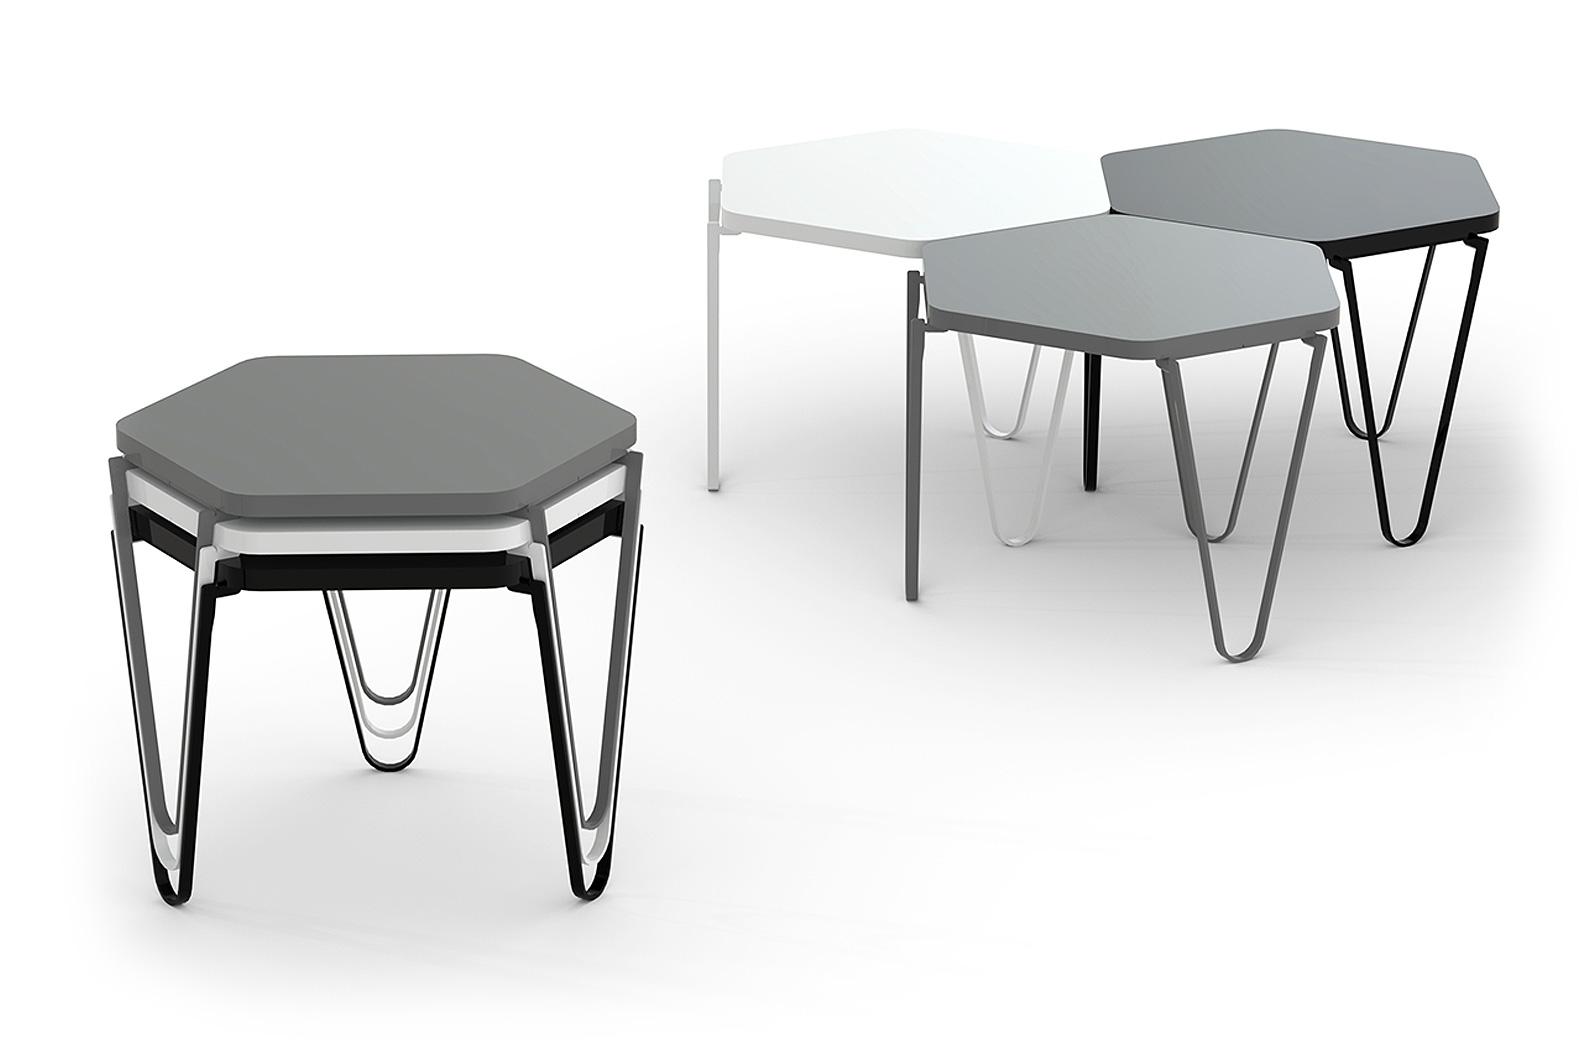 2017-Web-V1-table-1